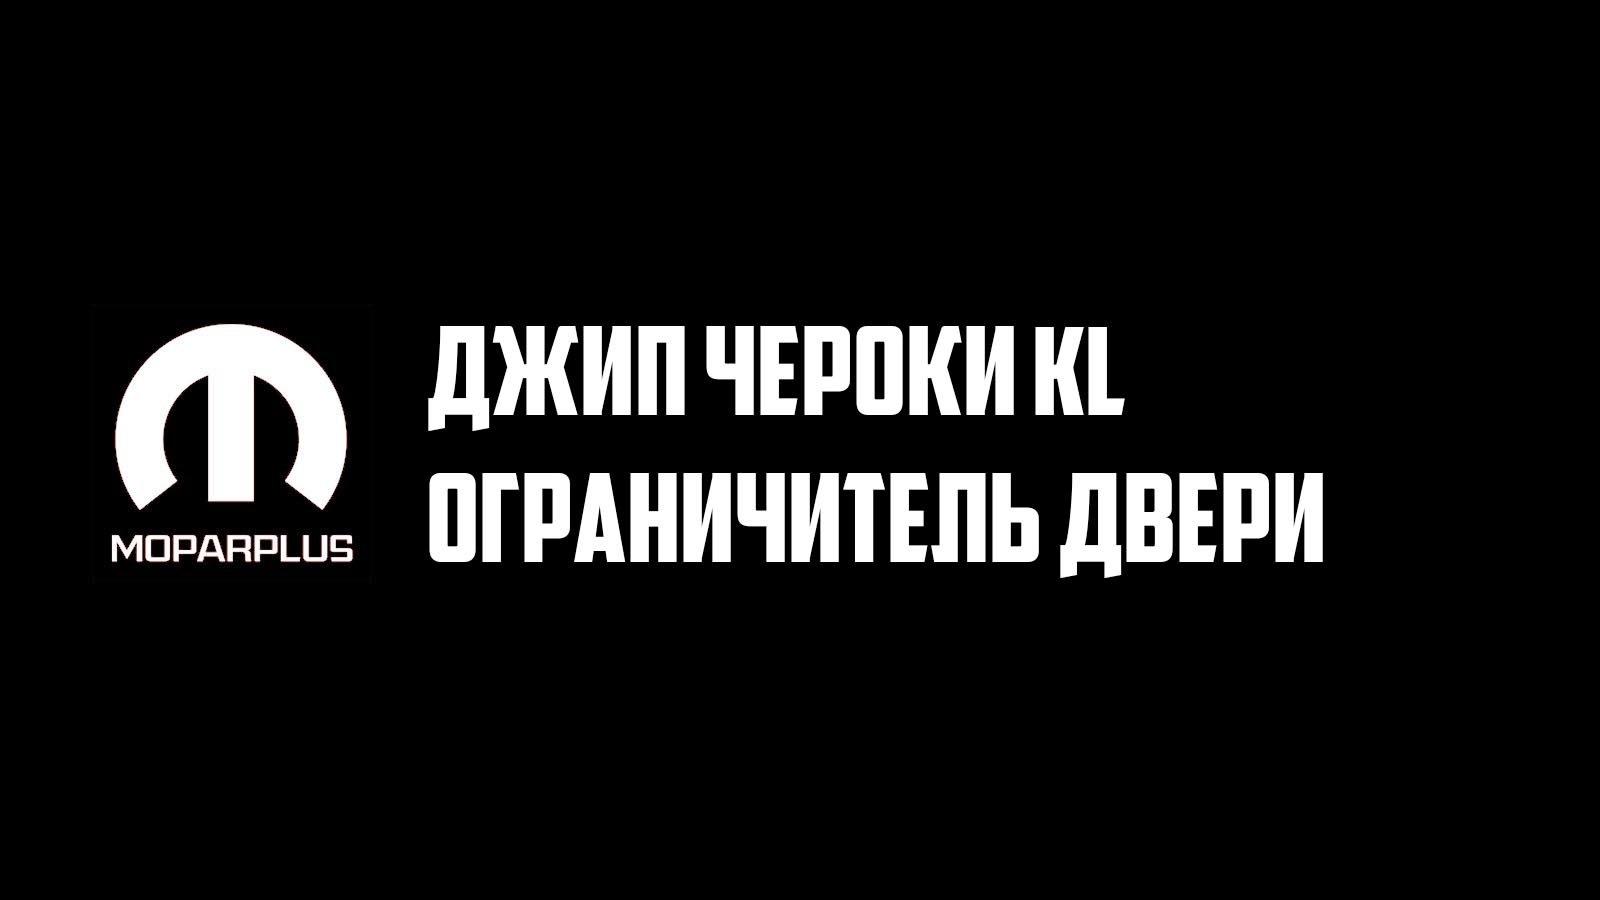 Скрип ограничителя двери Джип Чероки KL